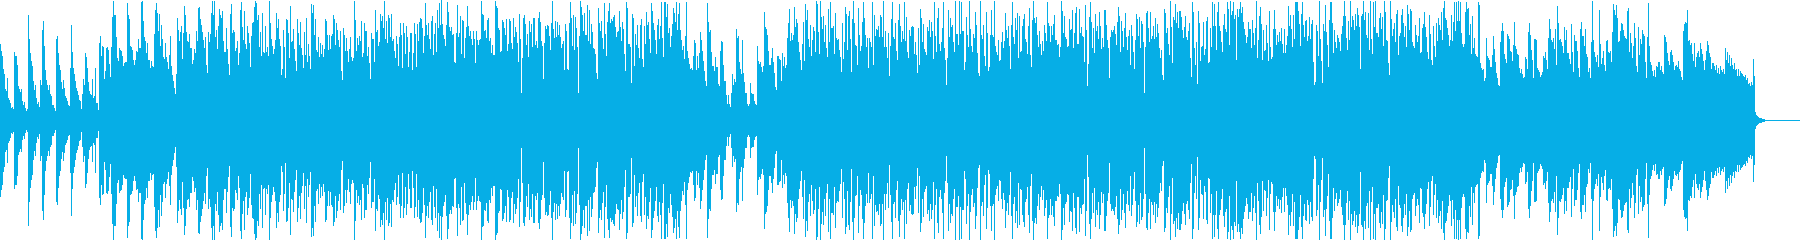 おしゃれなジャズ/大人なBarにぴったりの再生済みの波形